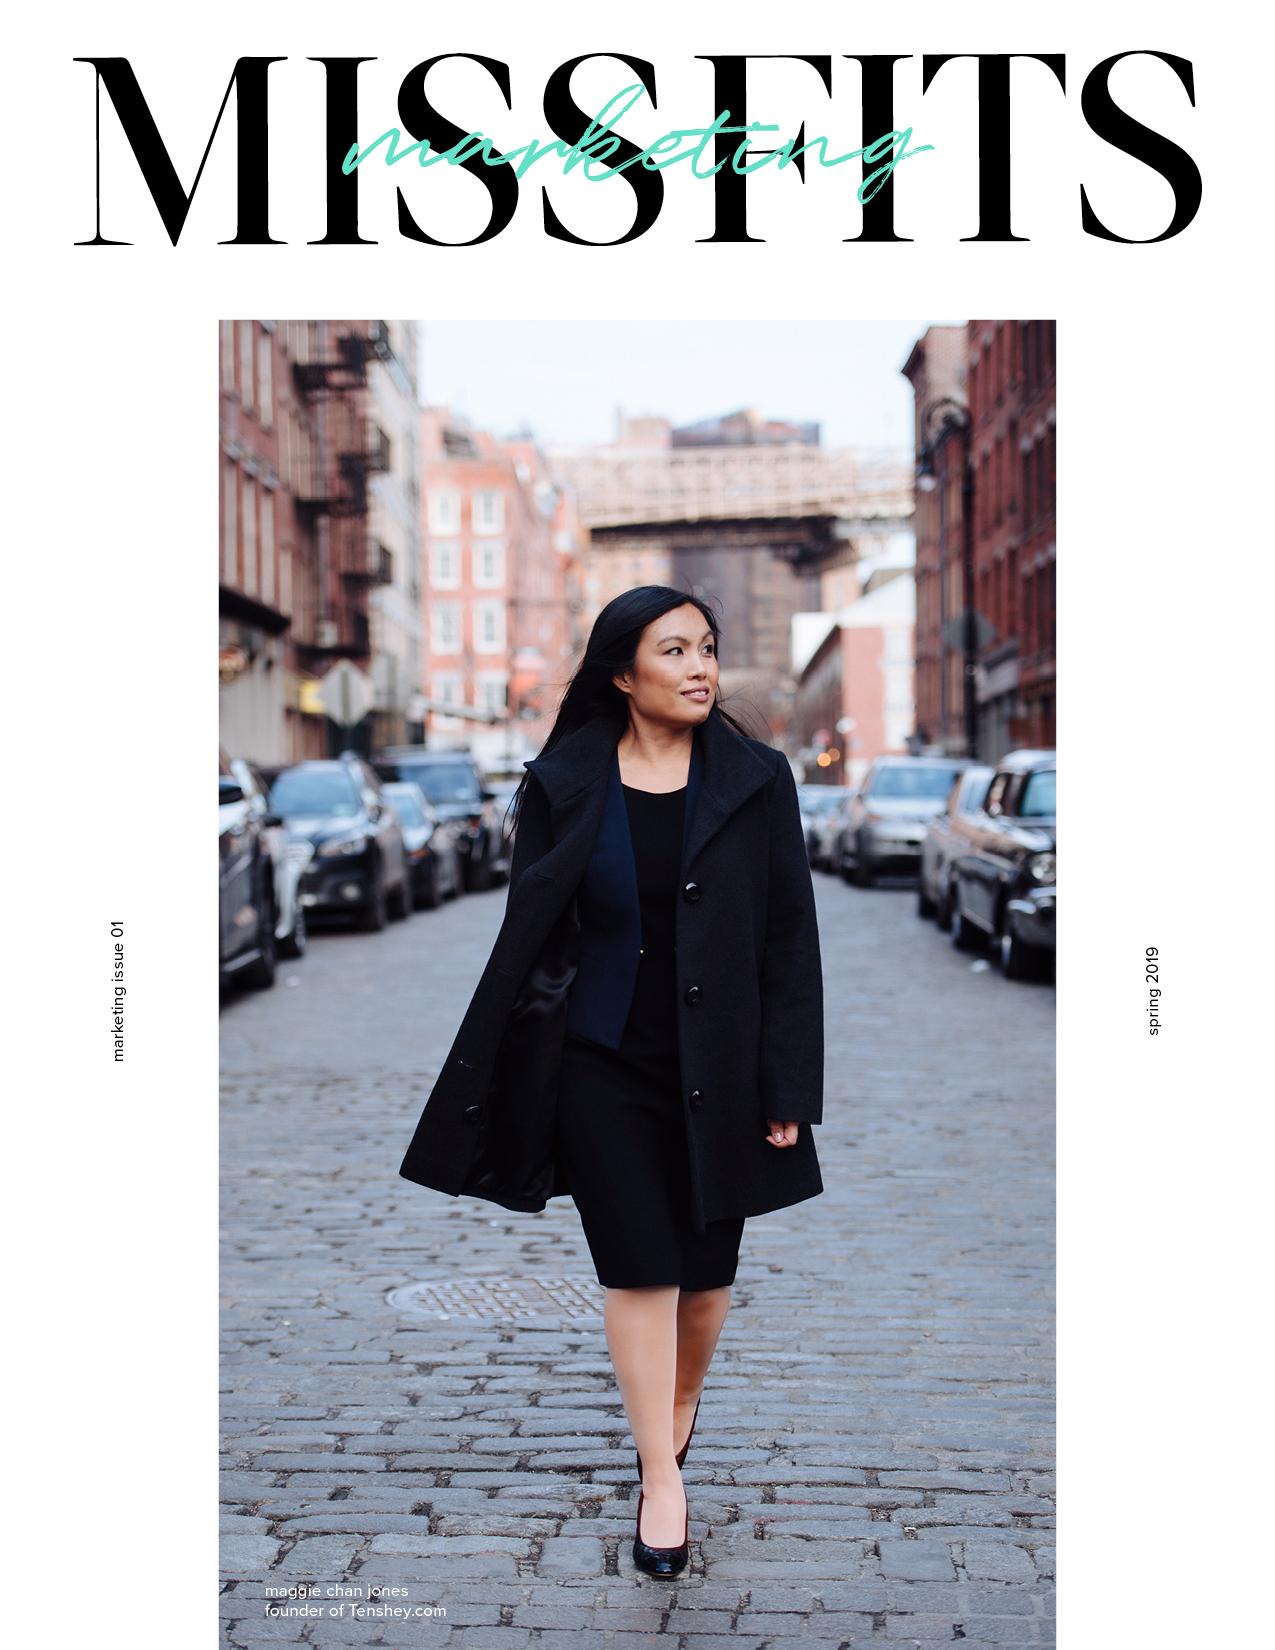 missfits-ebook-singles.jpg